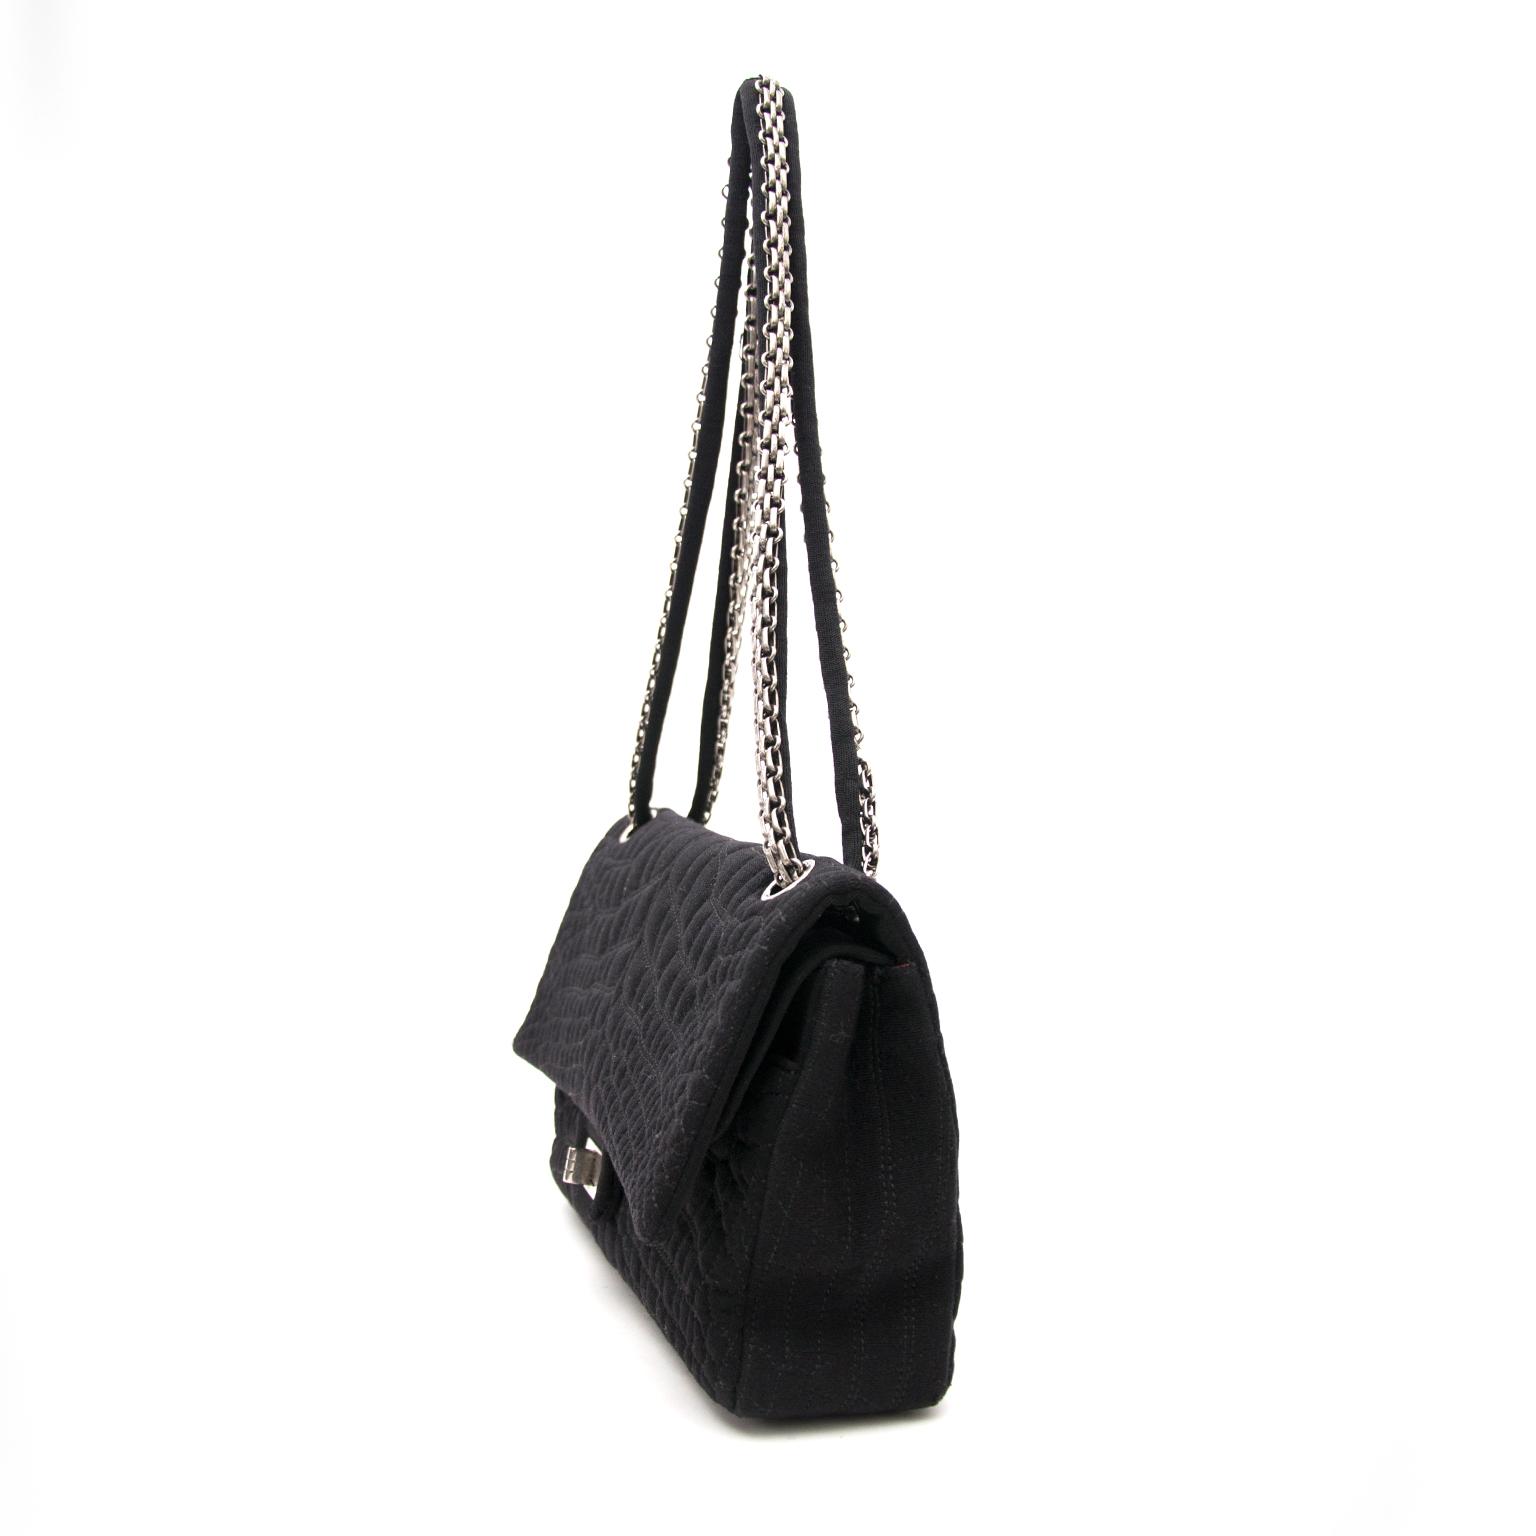 koop veilig online aan de beste prijs jou tweedehands Chanel Large 2.55 Black Fabric Bag